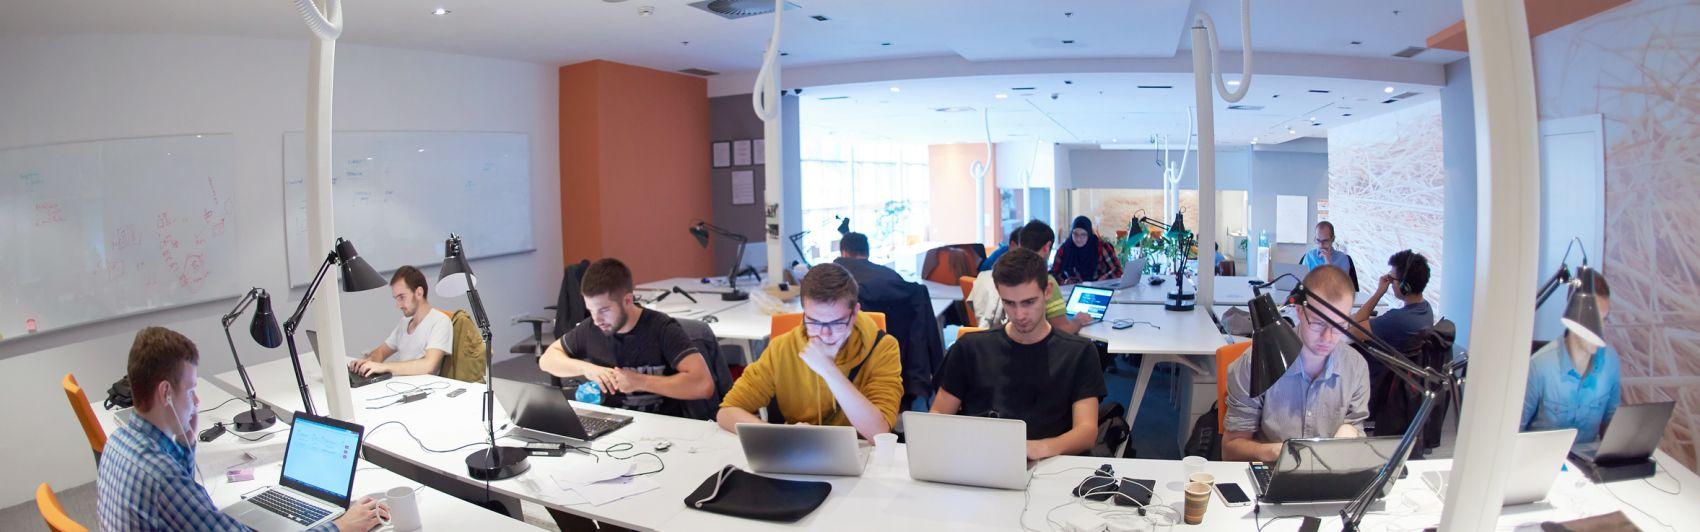 Digitalisierung und Startup-Wirtschaft